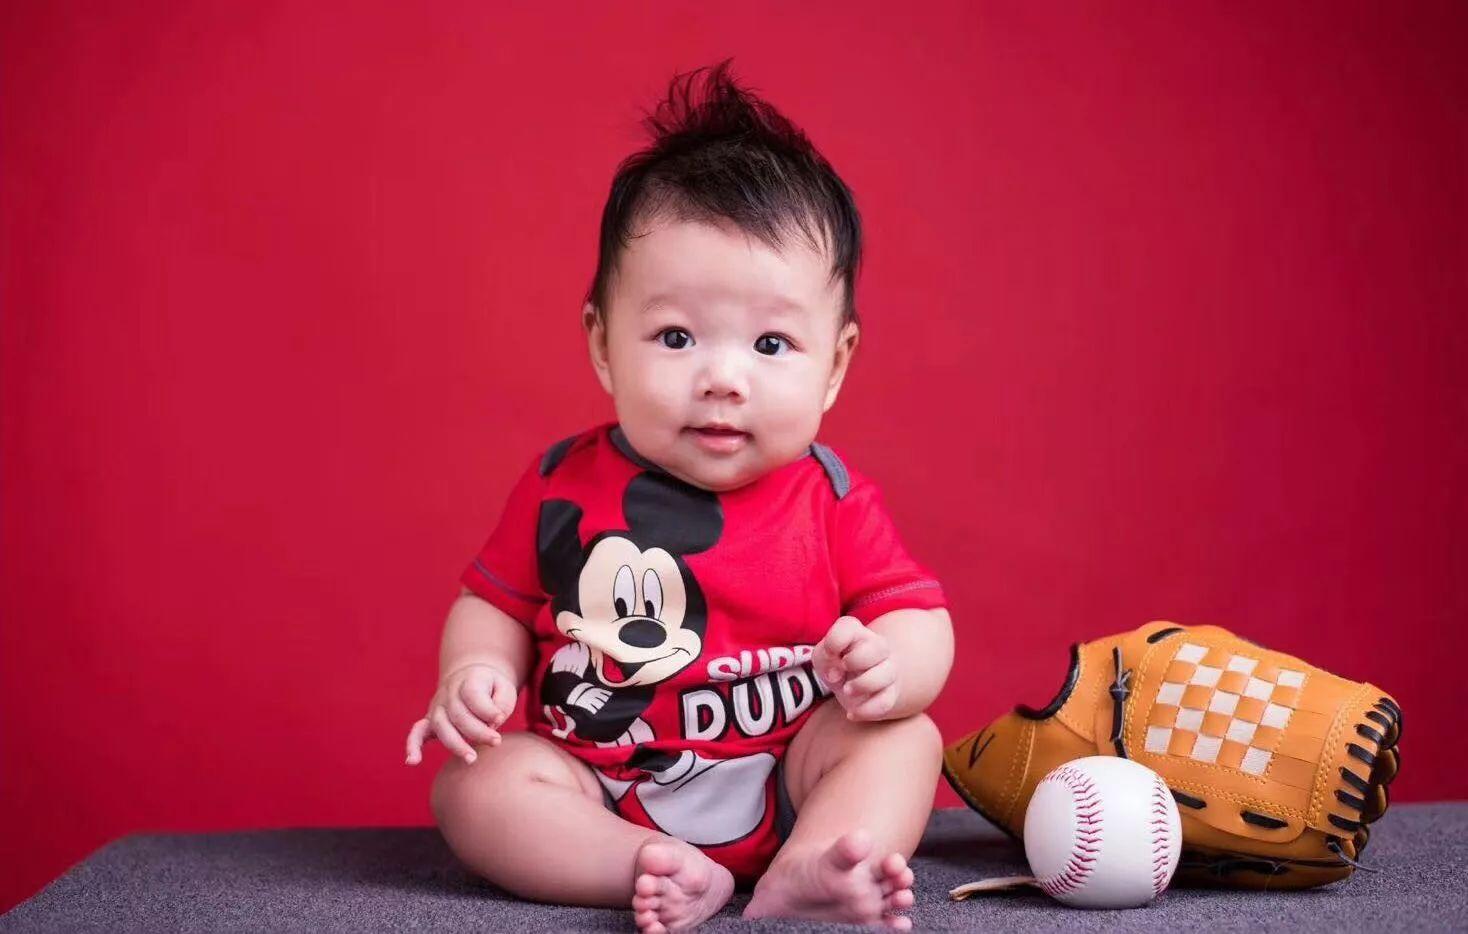 重庆babyface儿童摄影跨年宝宝亲子主题发布